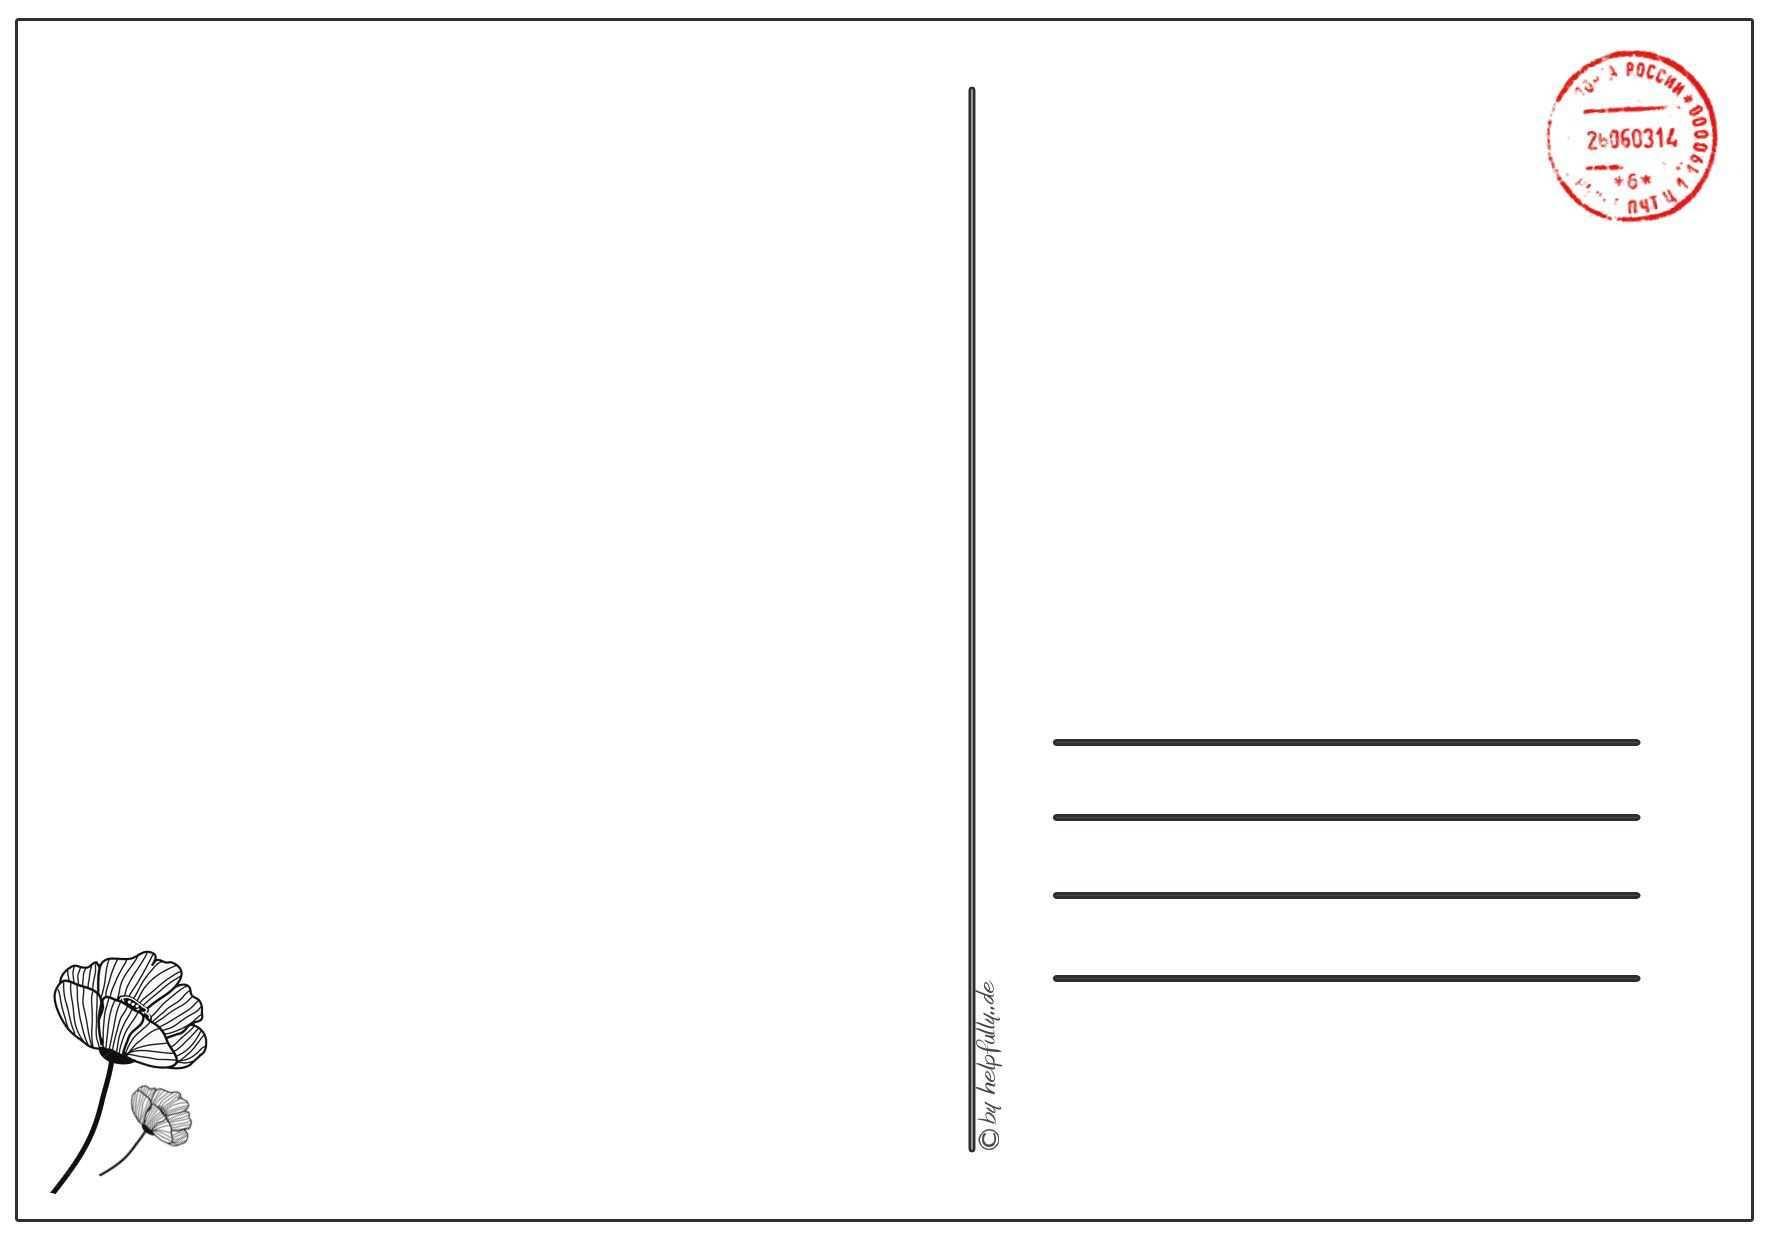 Papiervorlage Postkarte Mohnblume 5 Postkarten Vorlagen Papier